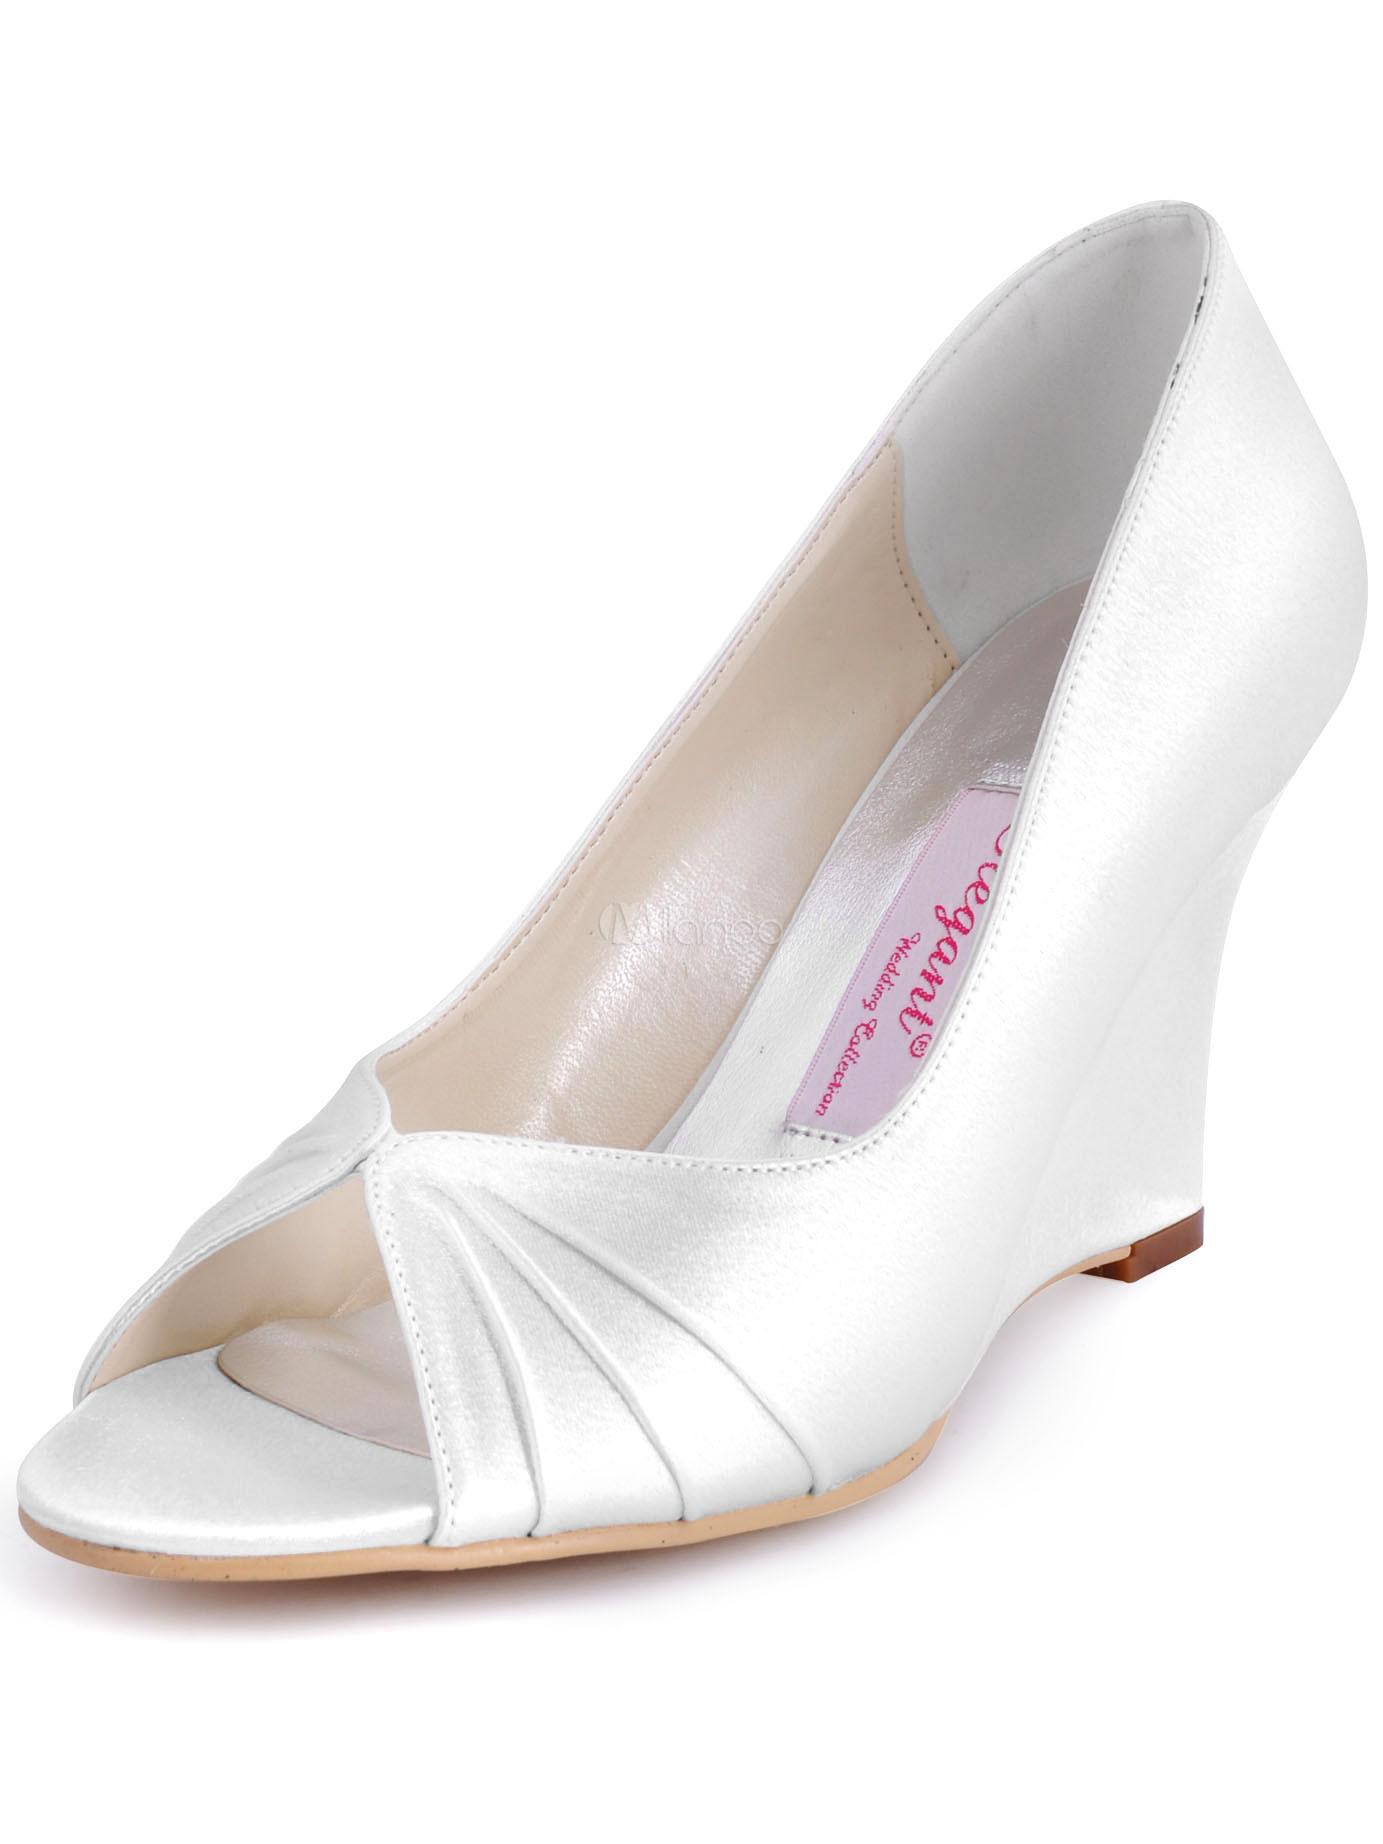 bleu chaussures talons compenss pour mariage no2 - Chaussure Mariage Compense